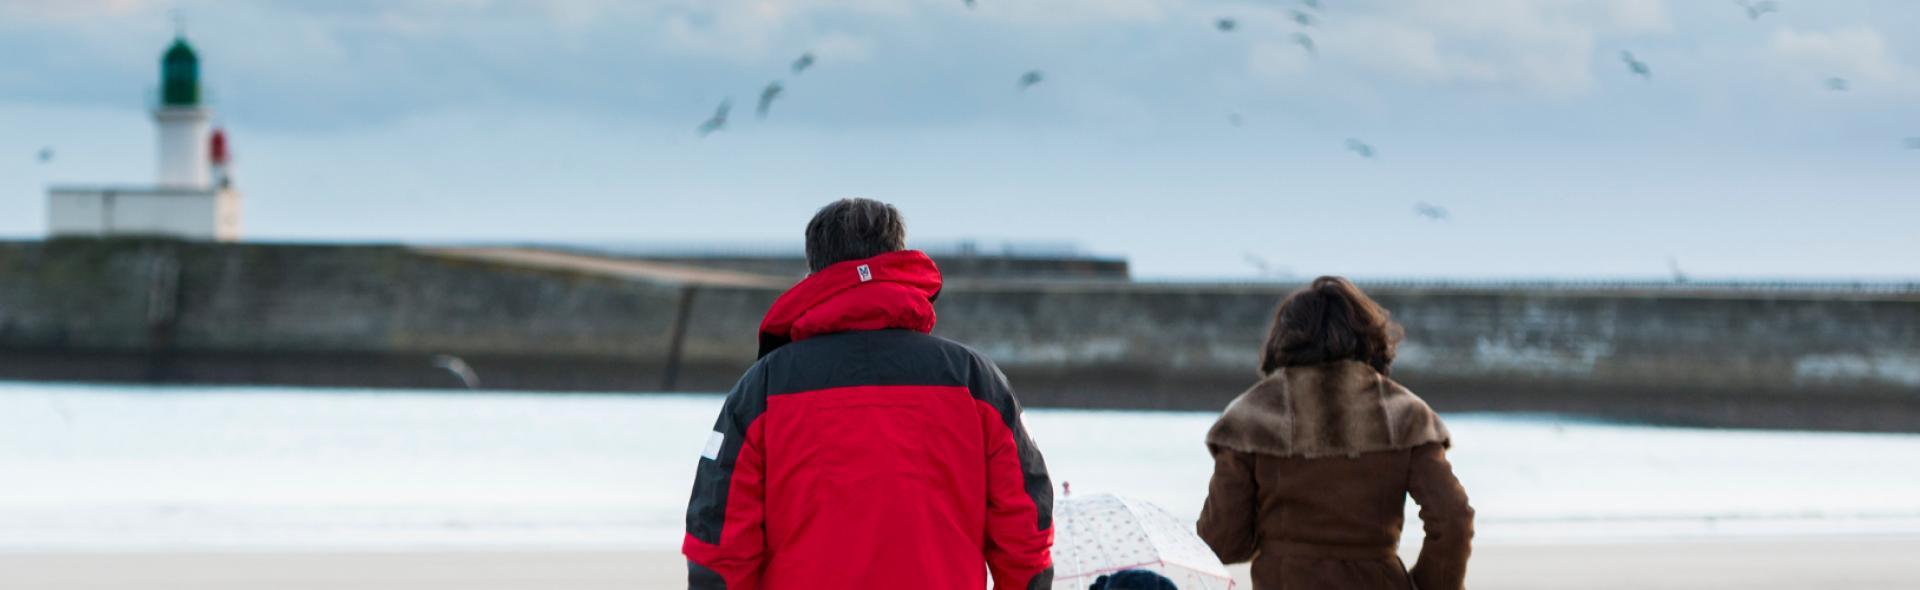 Promenade sur la plage des Sables d'Olonne en hiver